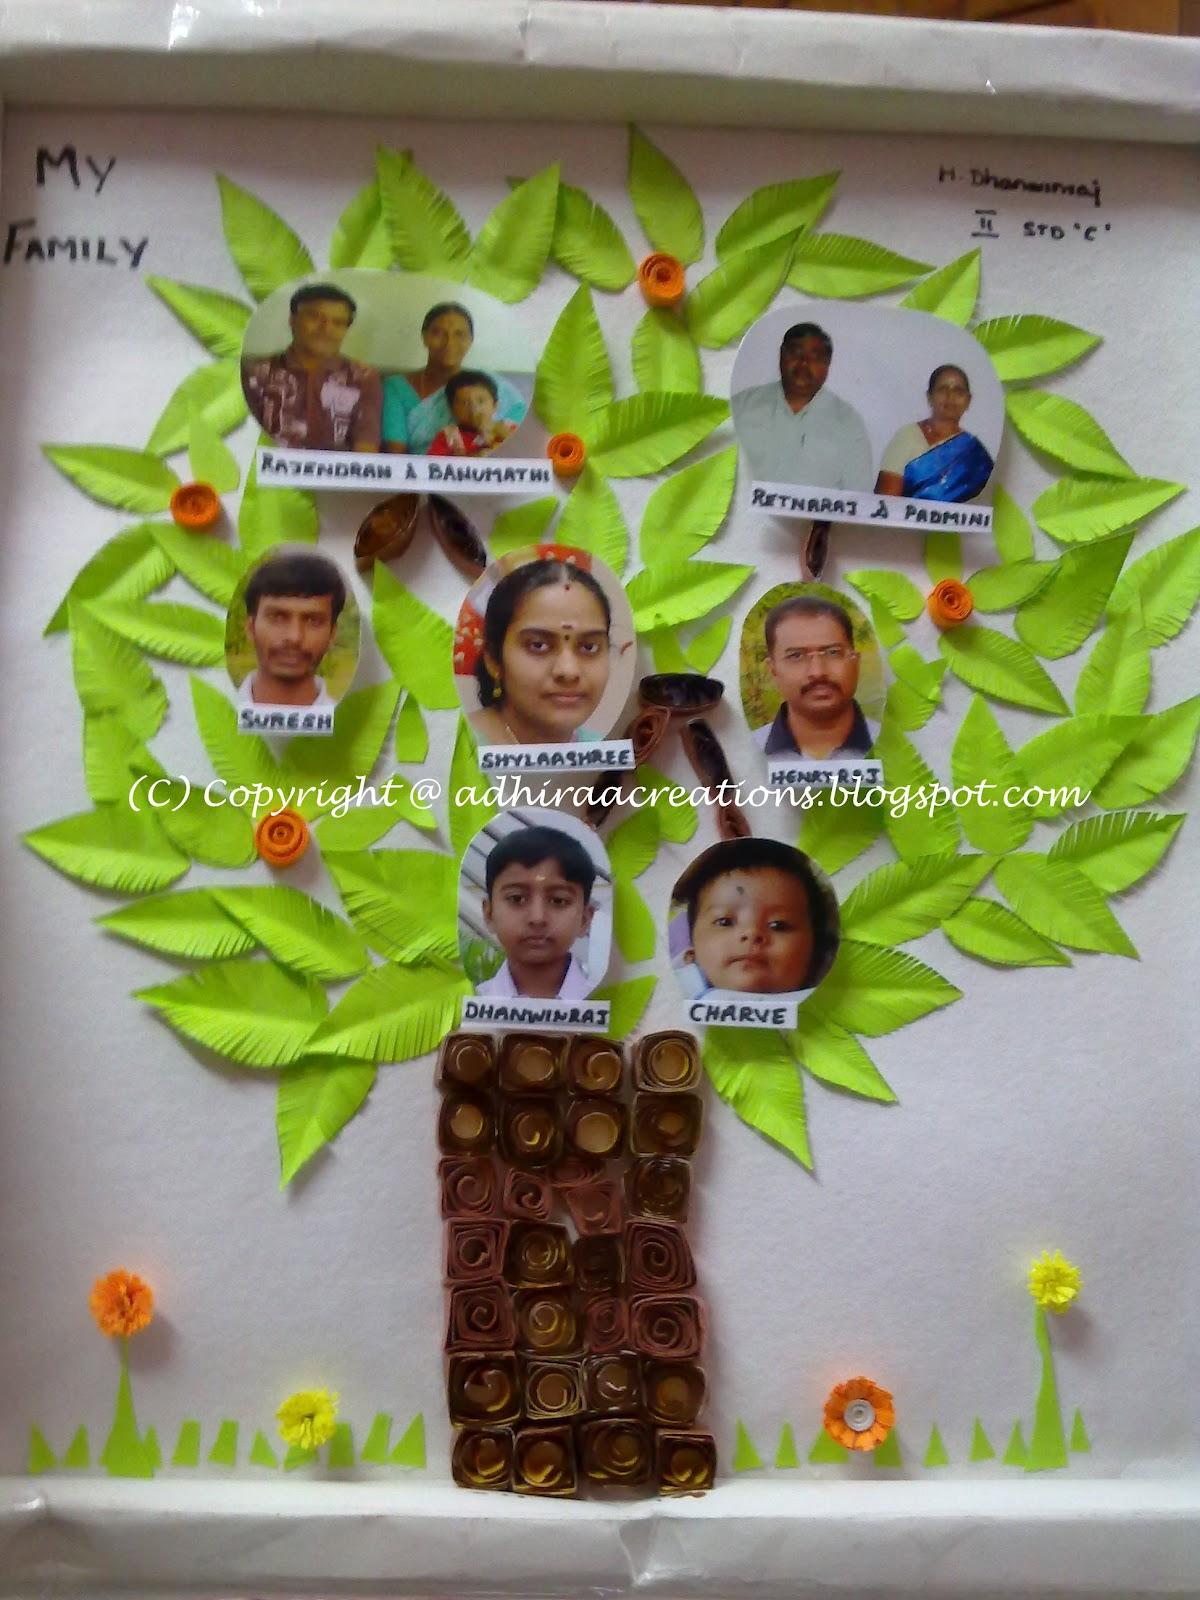 Adhiraacreations Family Tree